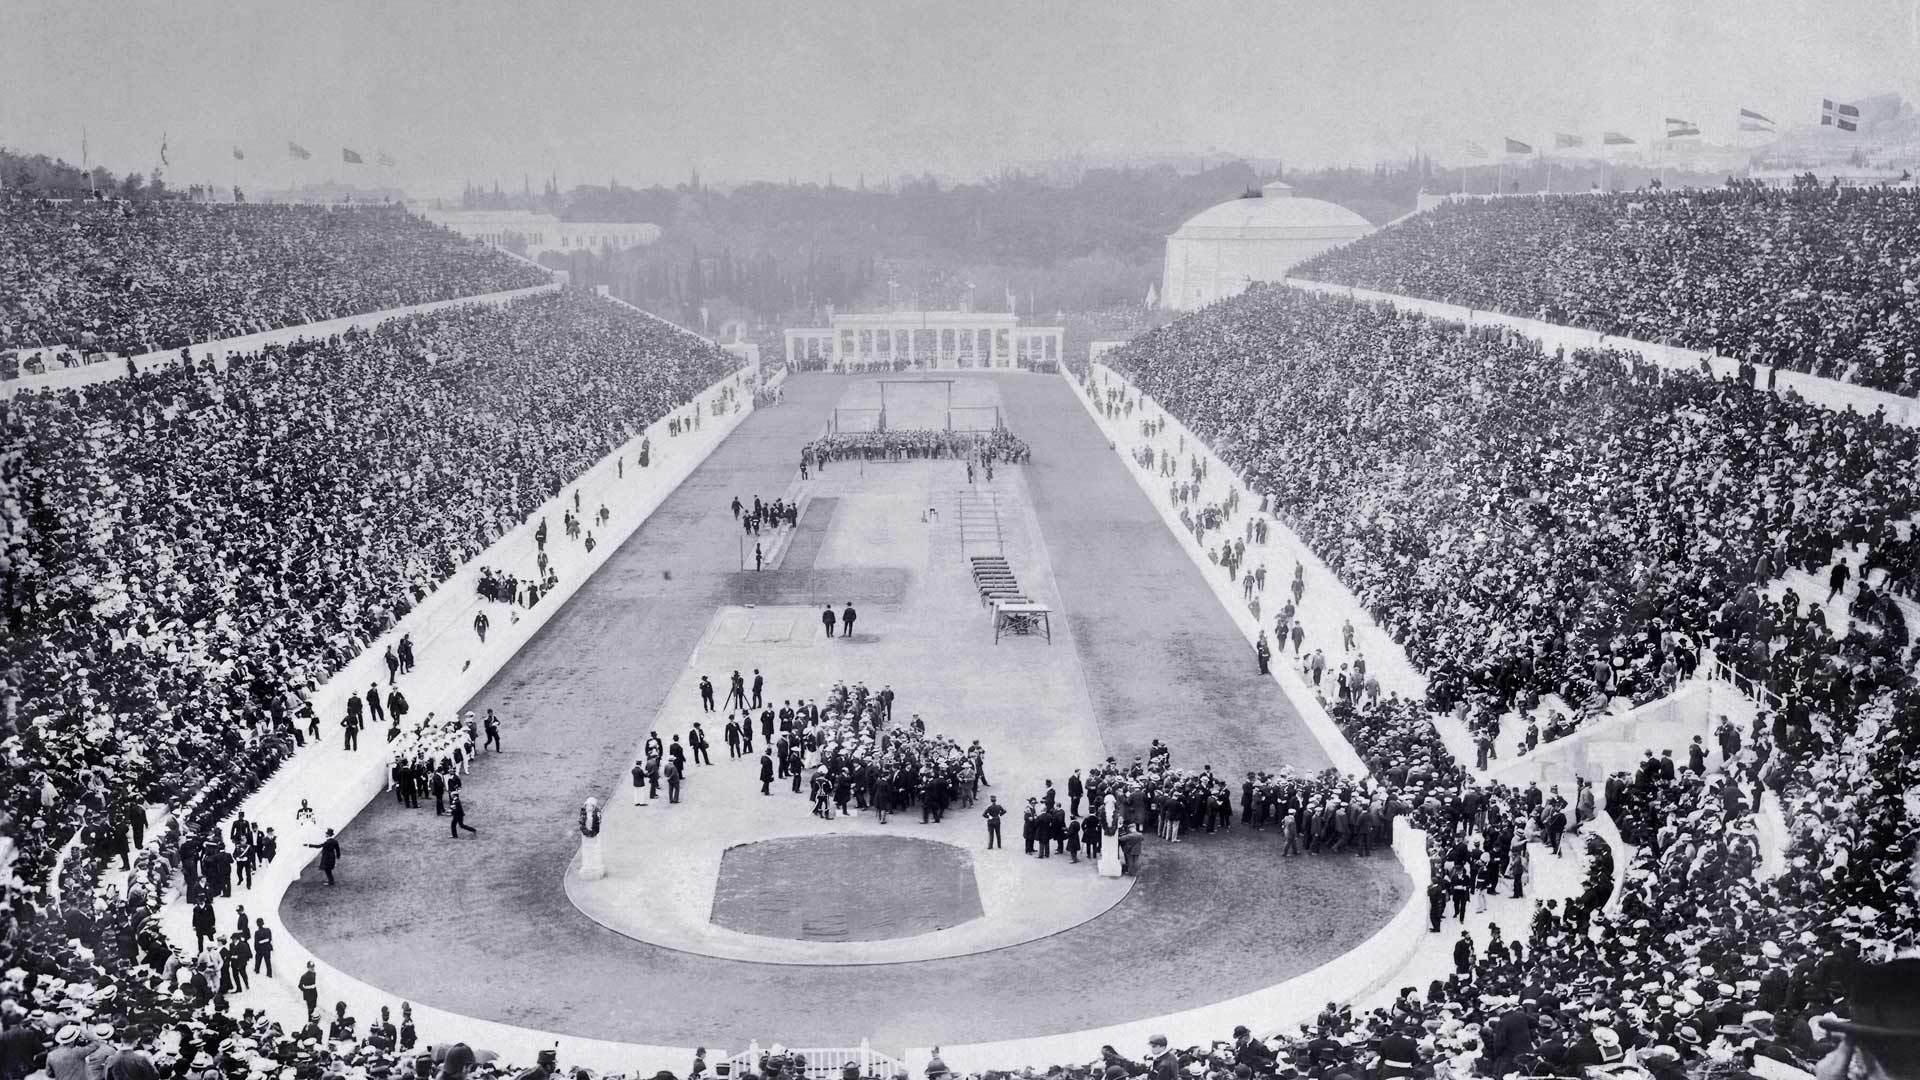 第一届奥运会